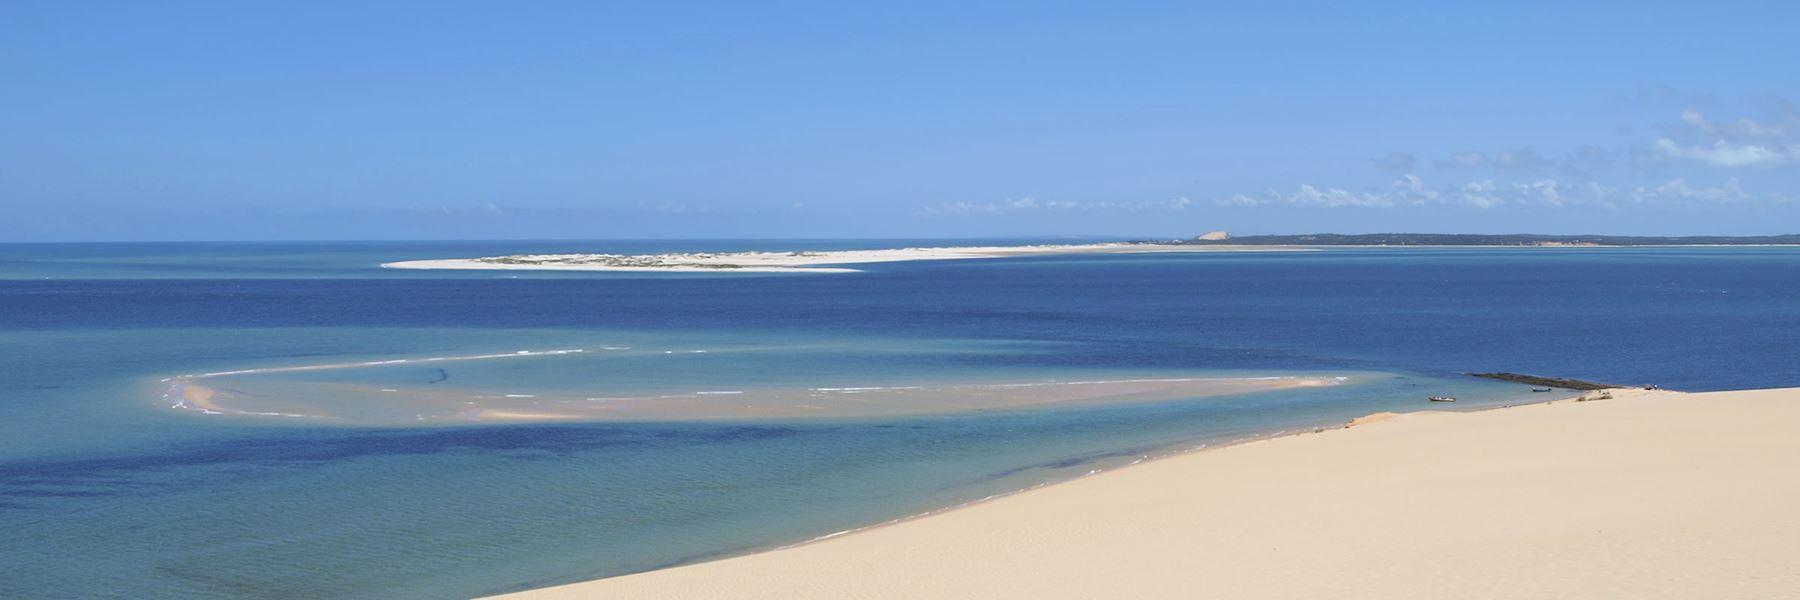 Mozambique trip ideas